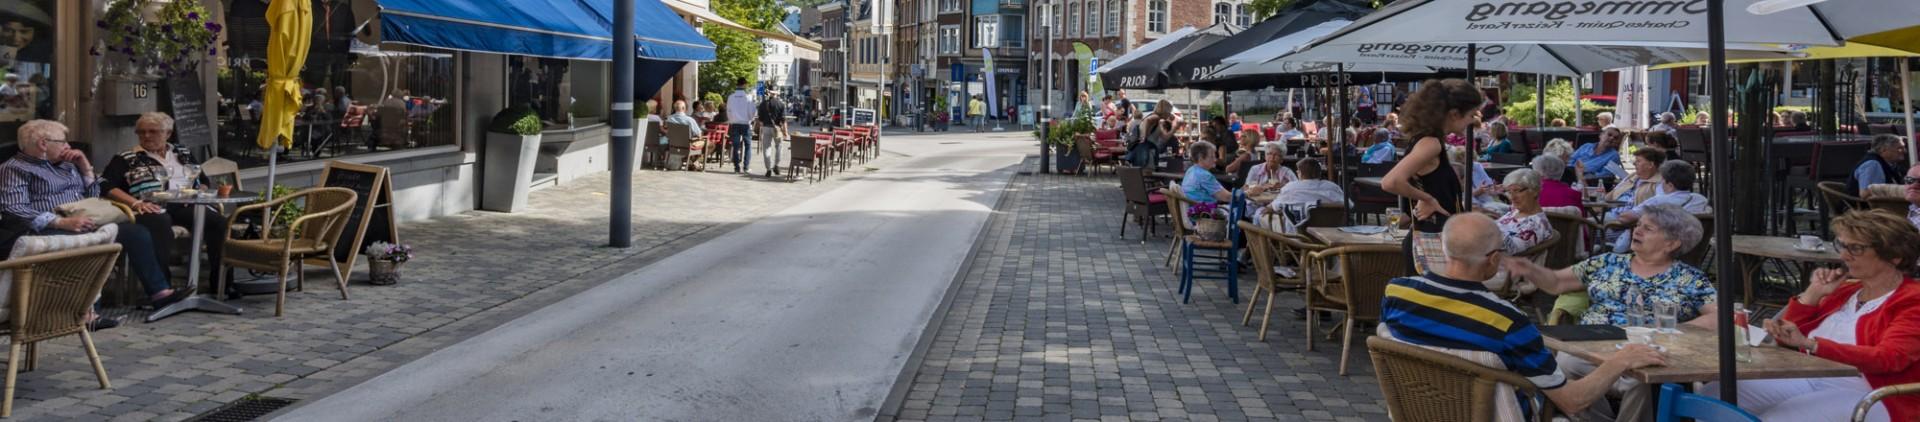 5 idées de terrasses - province de Liège